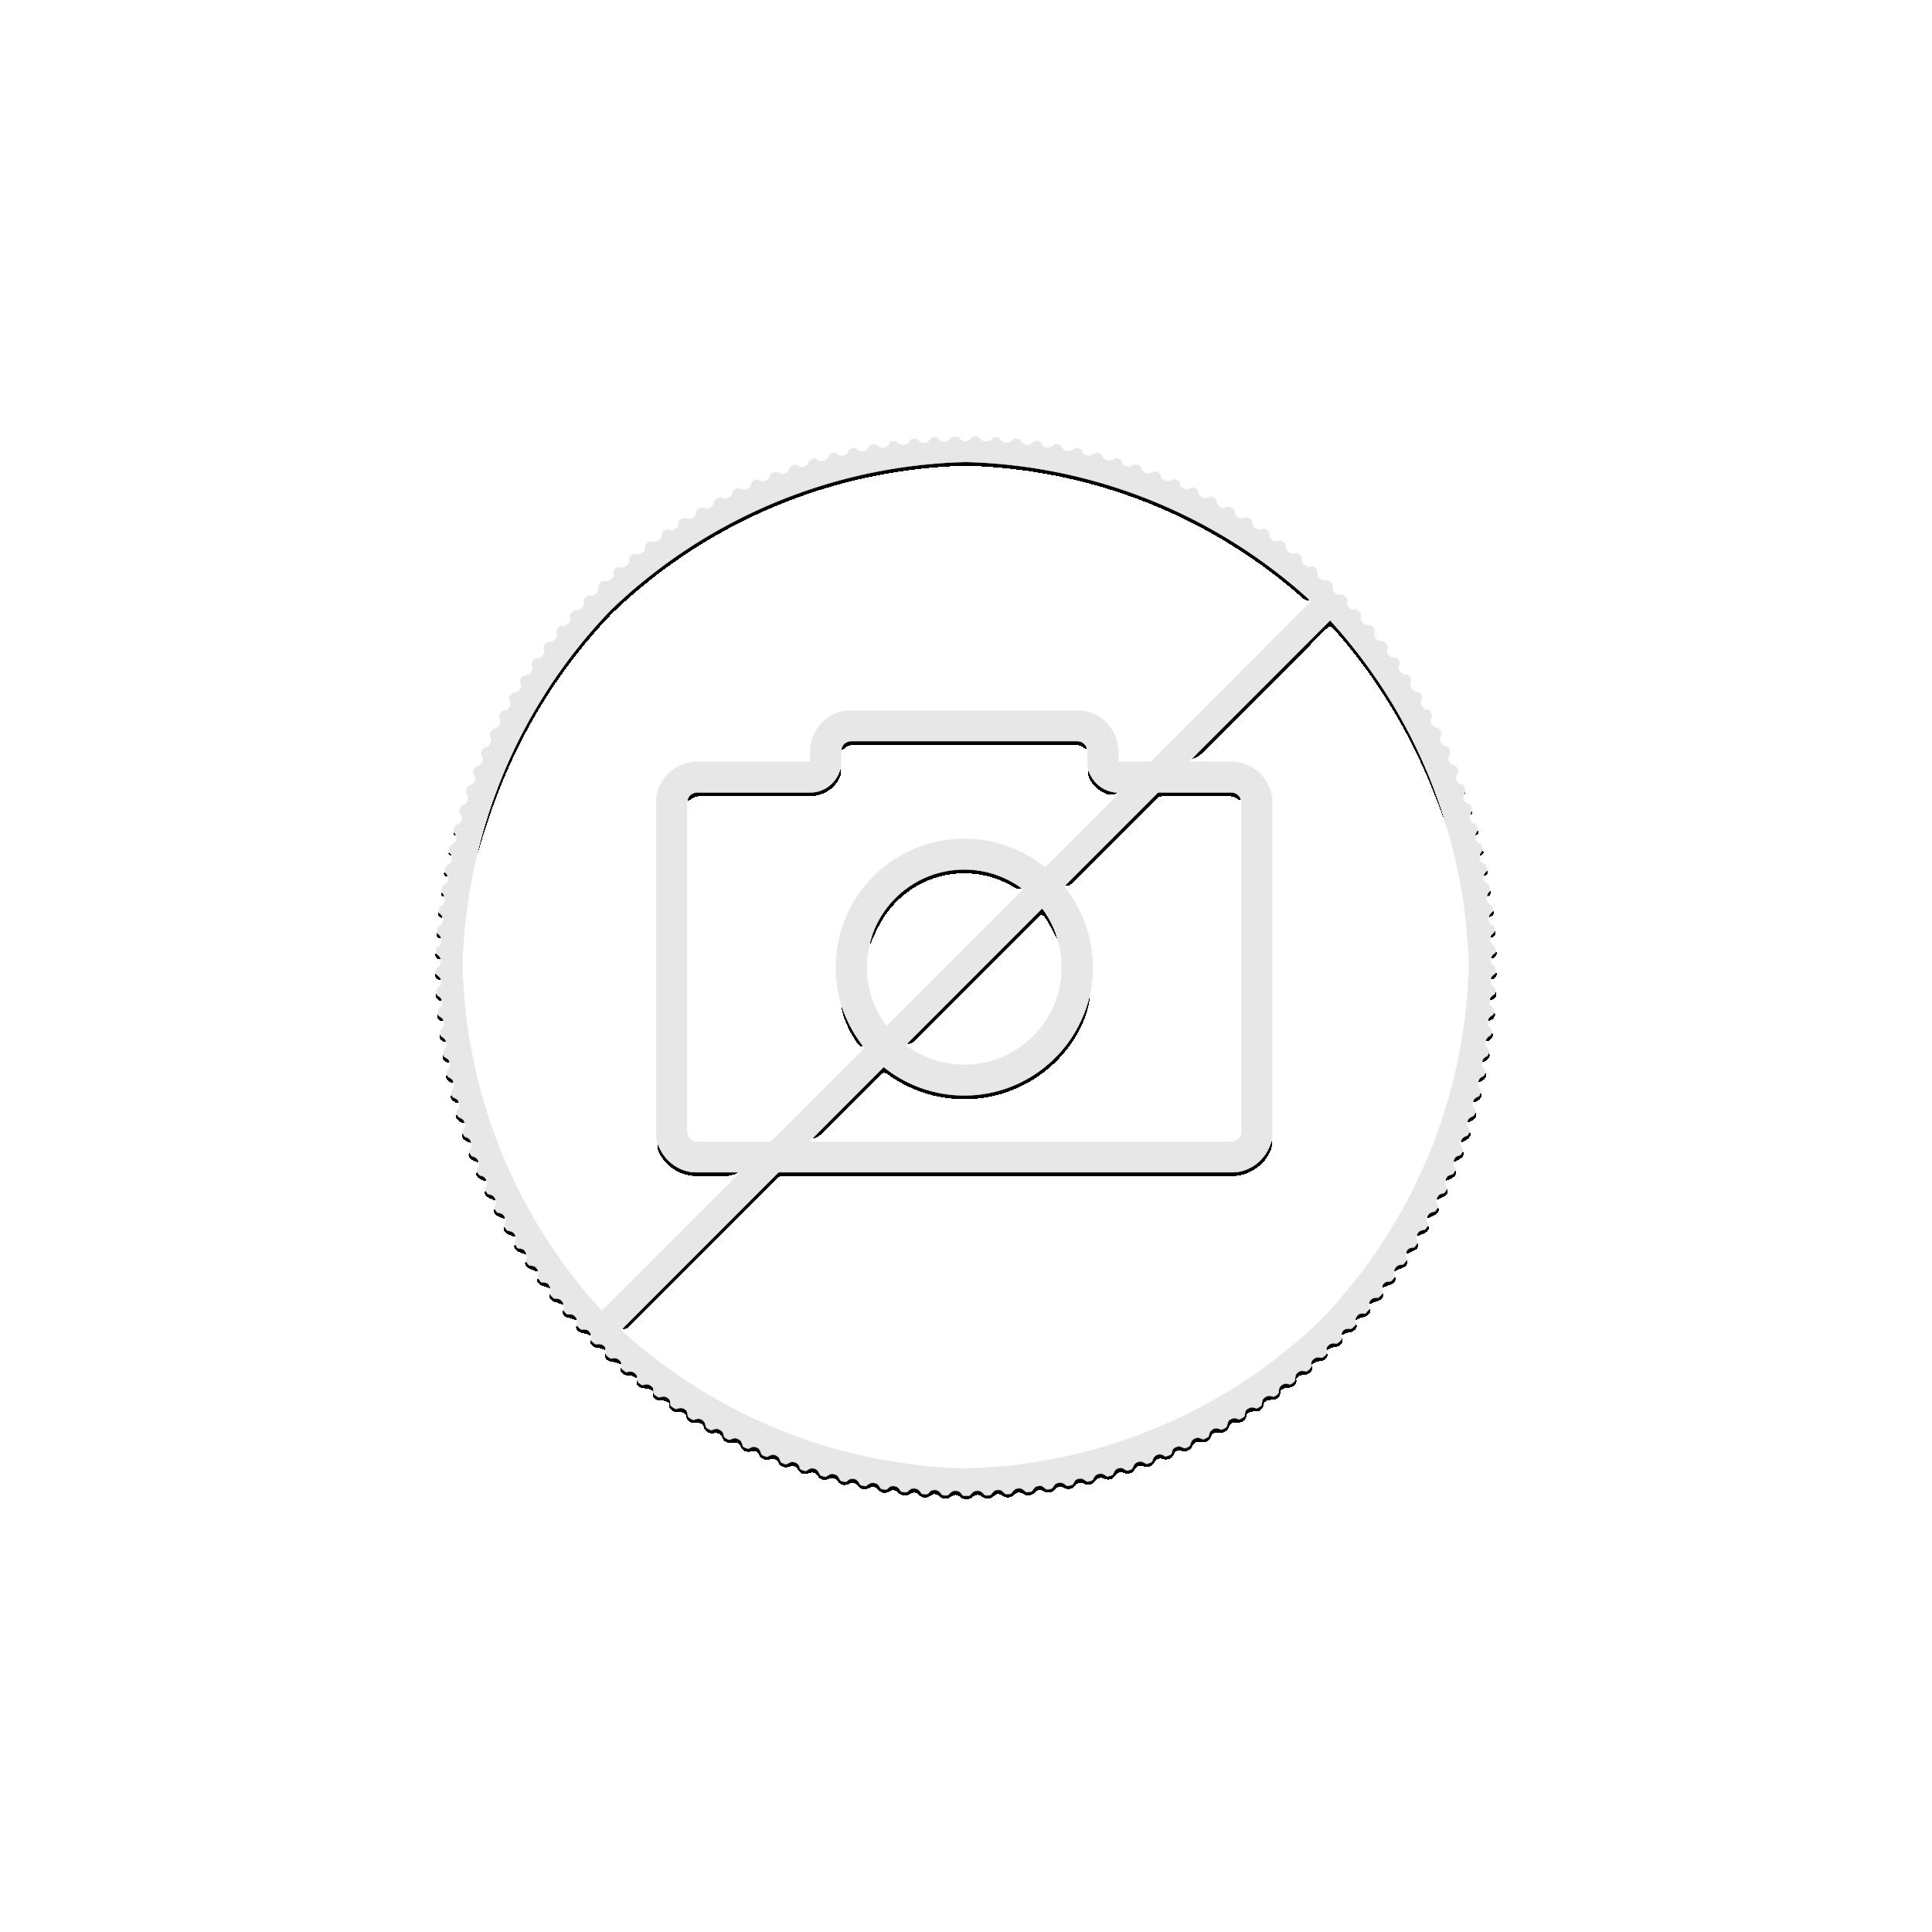 10 Troy ounce silver coin Kookaburra 2017